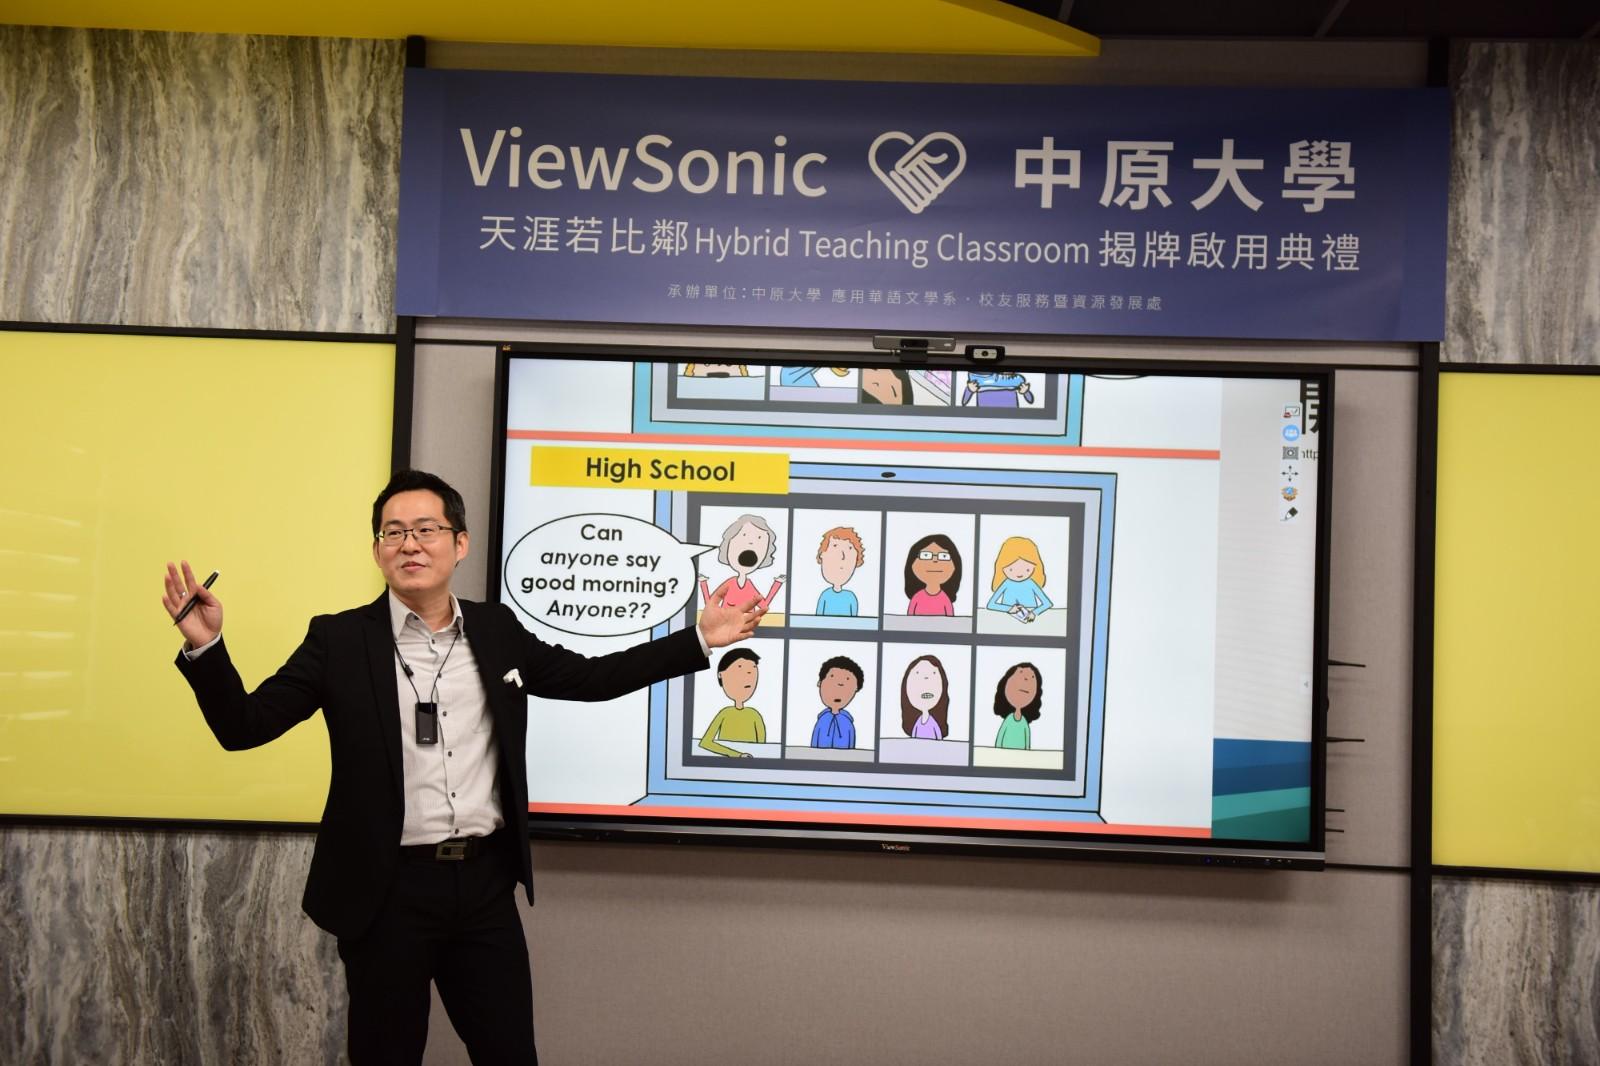 中原大學與ViewSonic合作建置Hybrid複合教學教室,應華系連育仁老師進行示範教學。.jpg